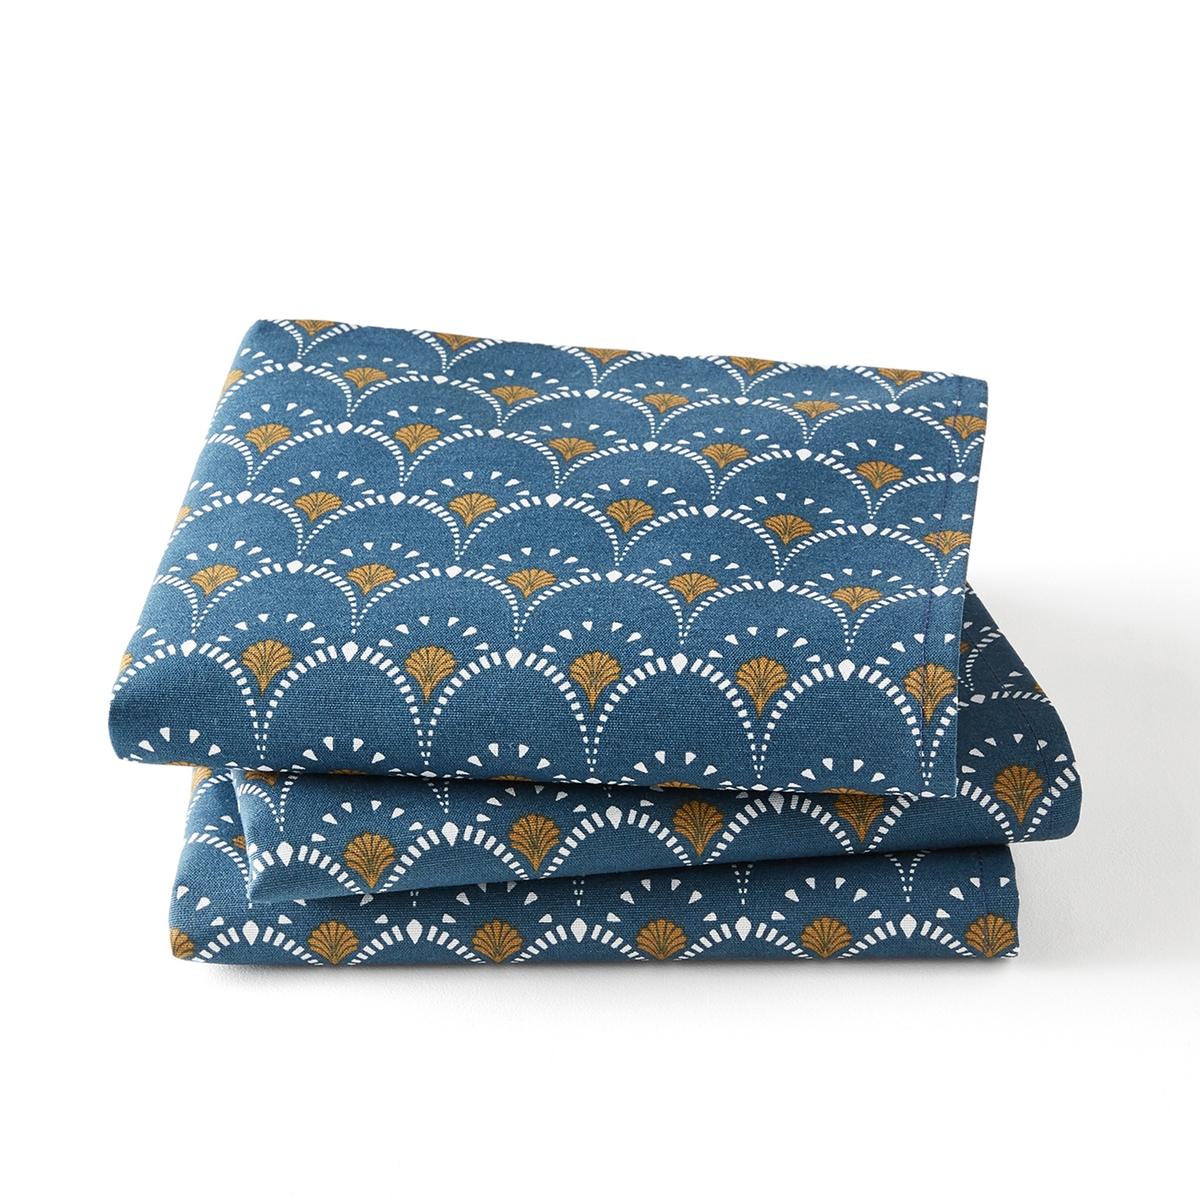 купить Комплект из салфеток с La Redoute Рисунком MINA 45 x 45 см синий дешево